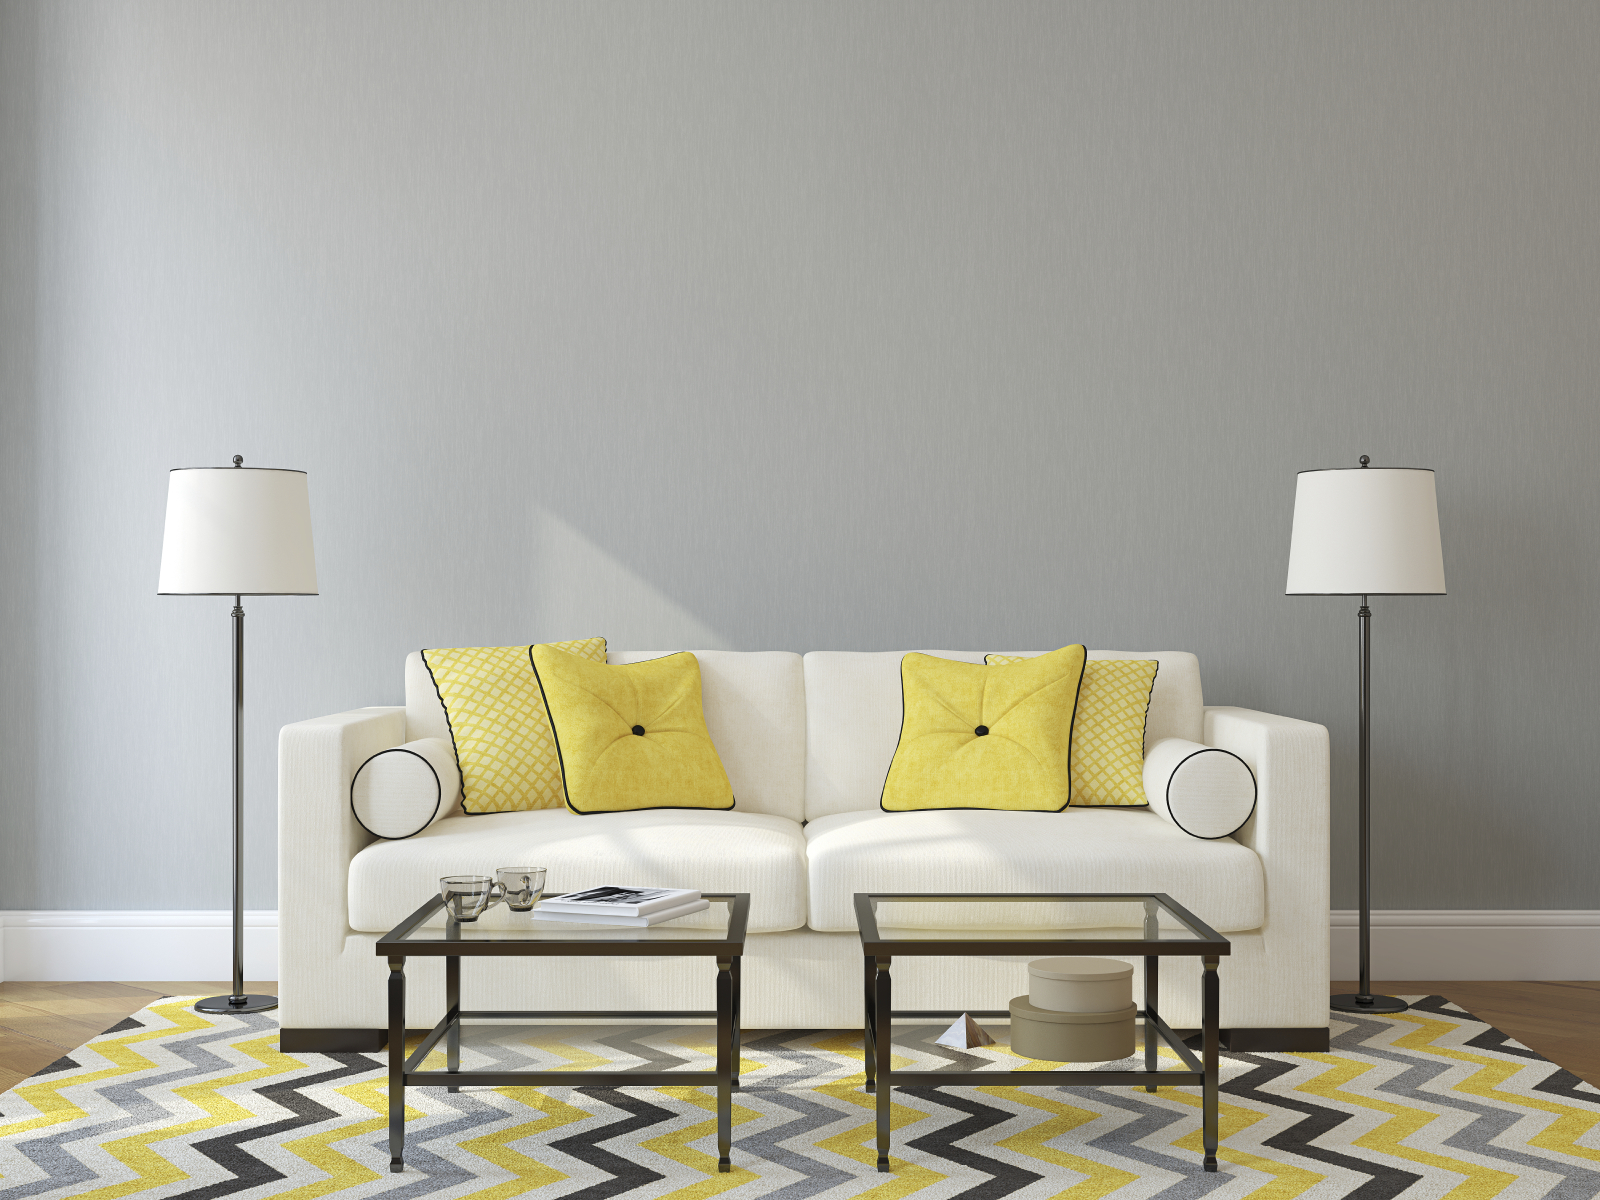 Lusso low cost: come creare un'atmosfera di lusso in casa senza spendere una fortuna - Casa.it